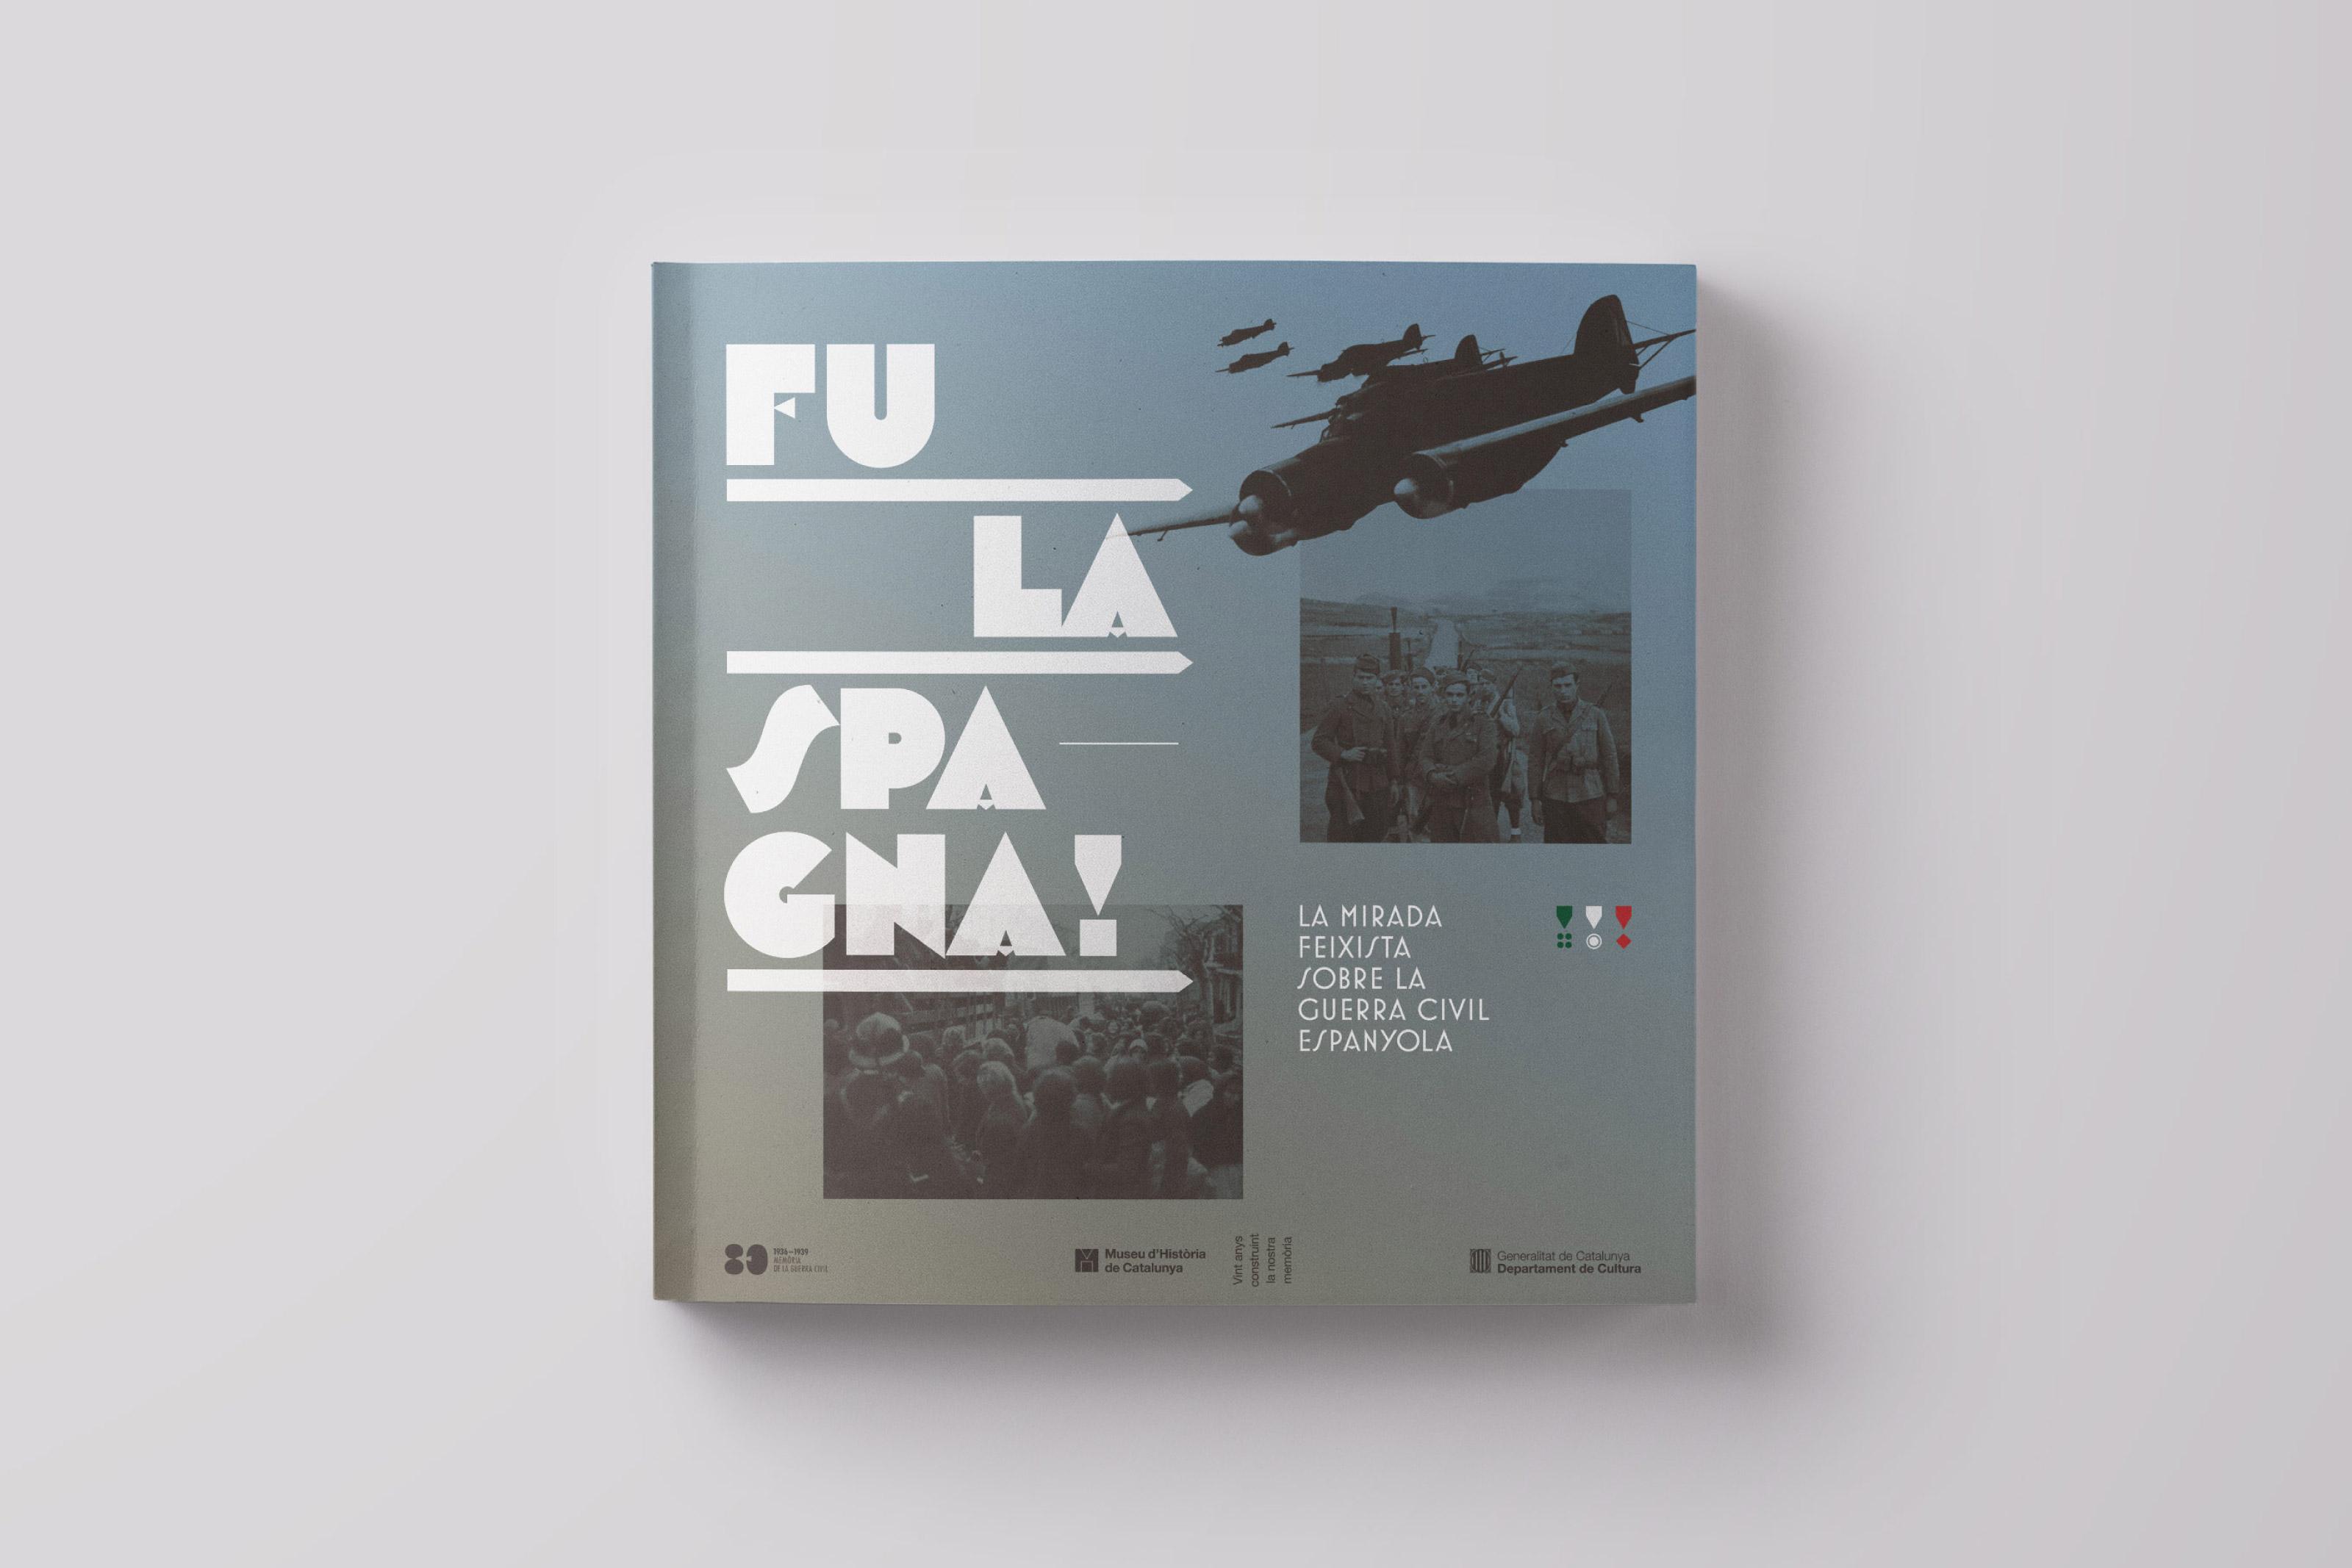 fu-la-spagna-27